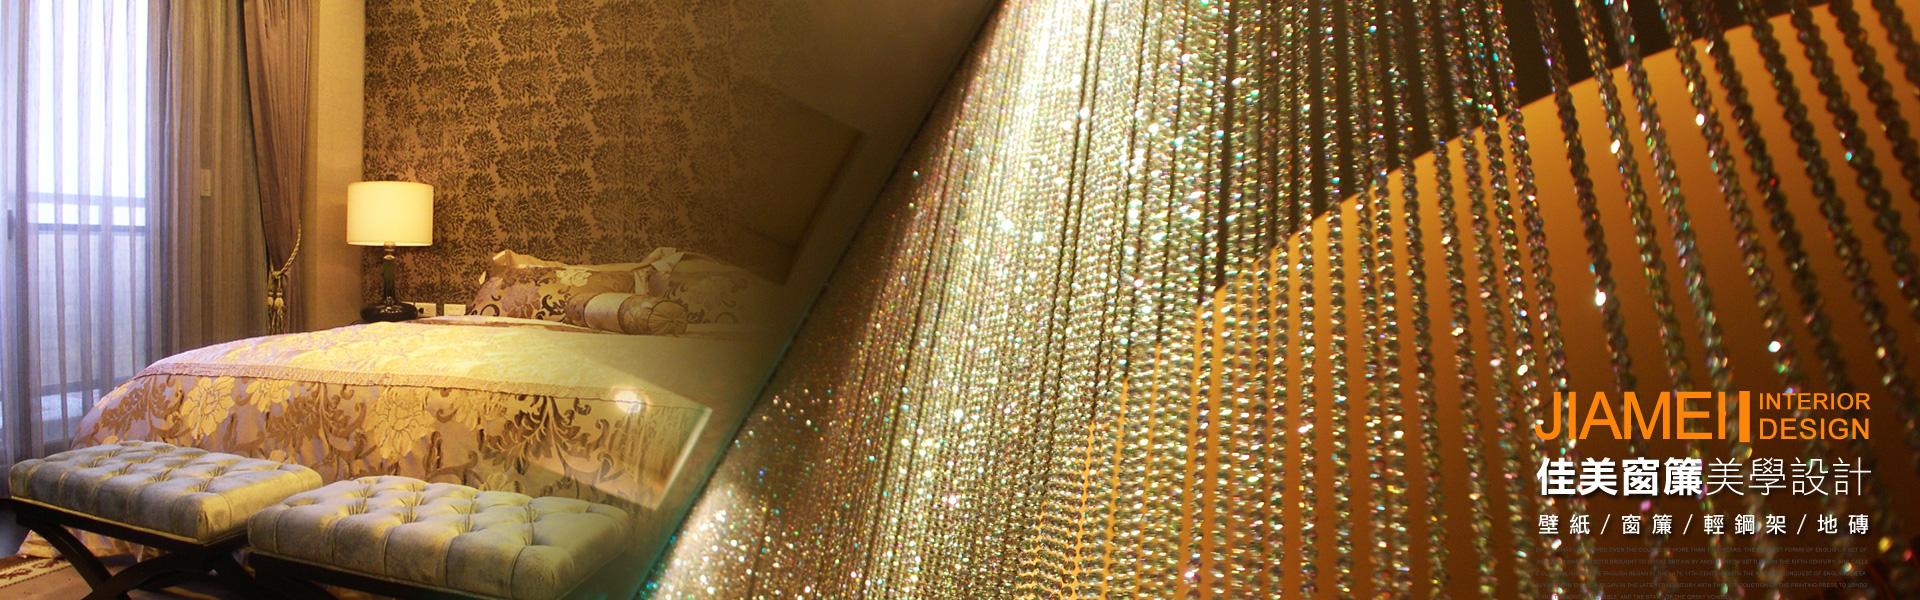 高雄佳美窗簾壁紙塑膠地板